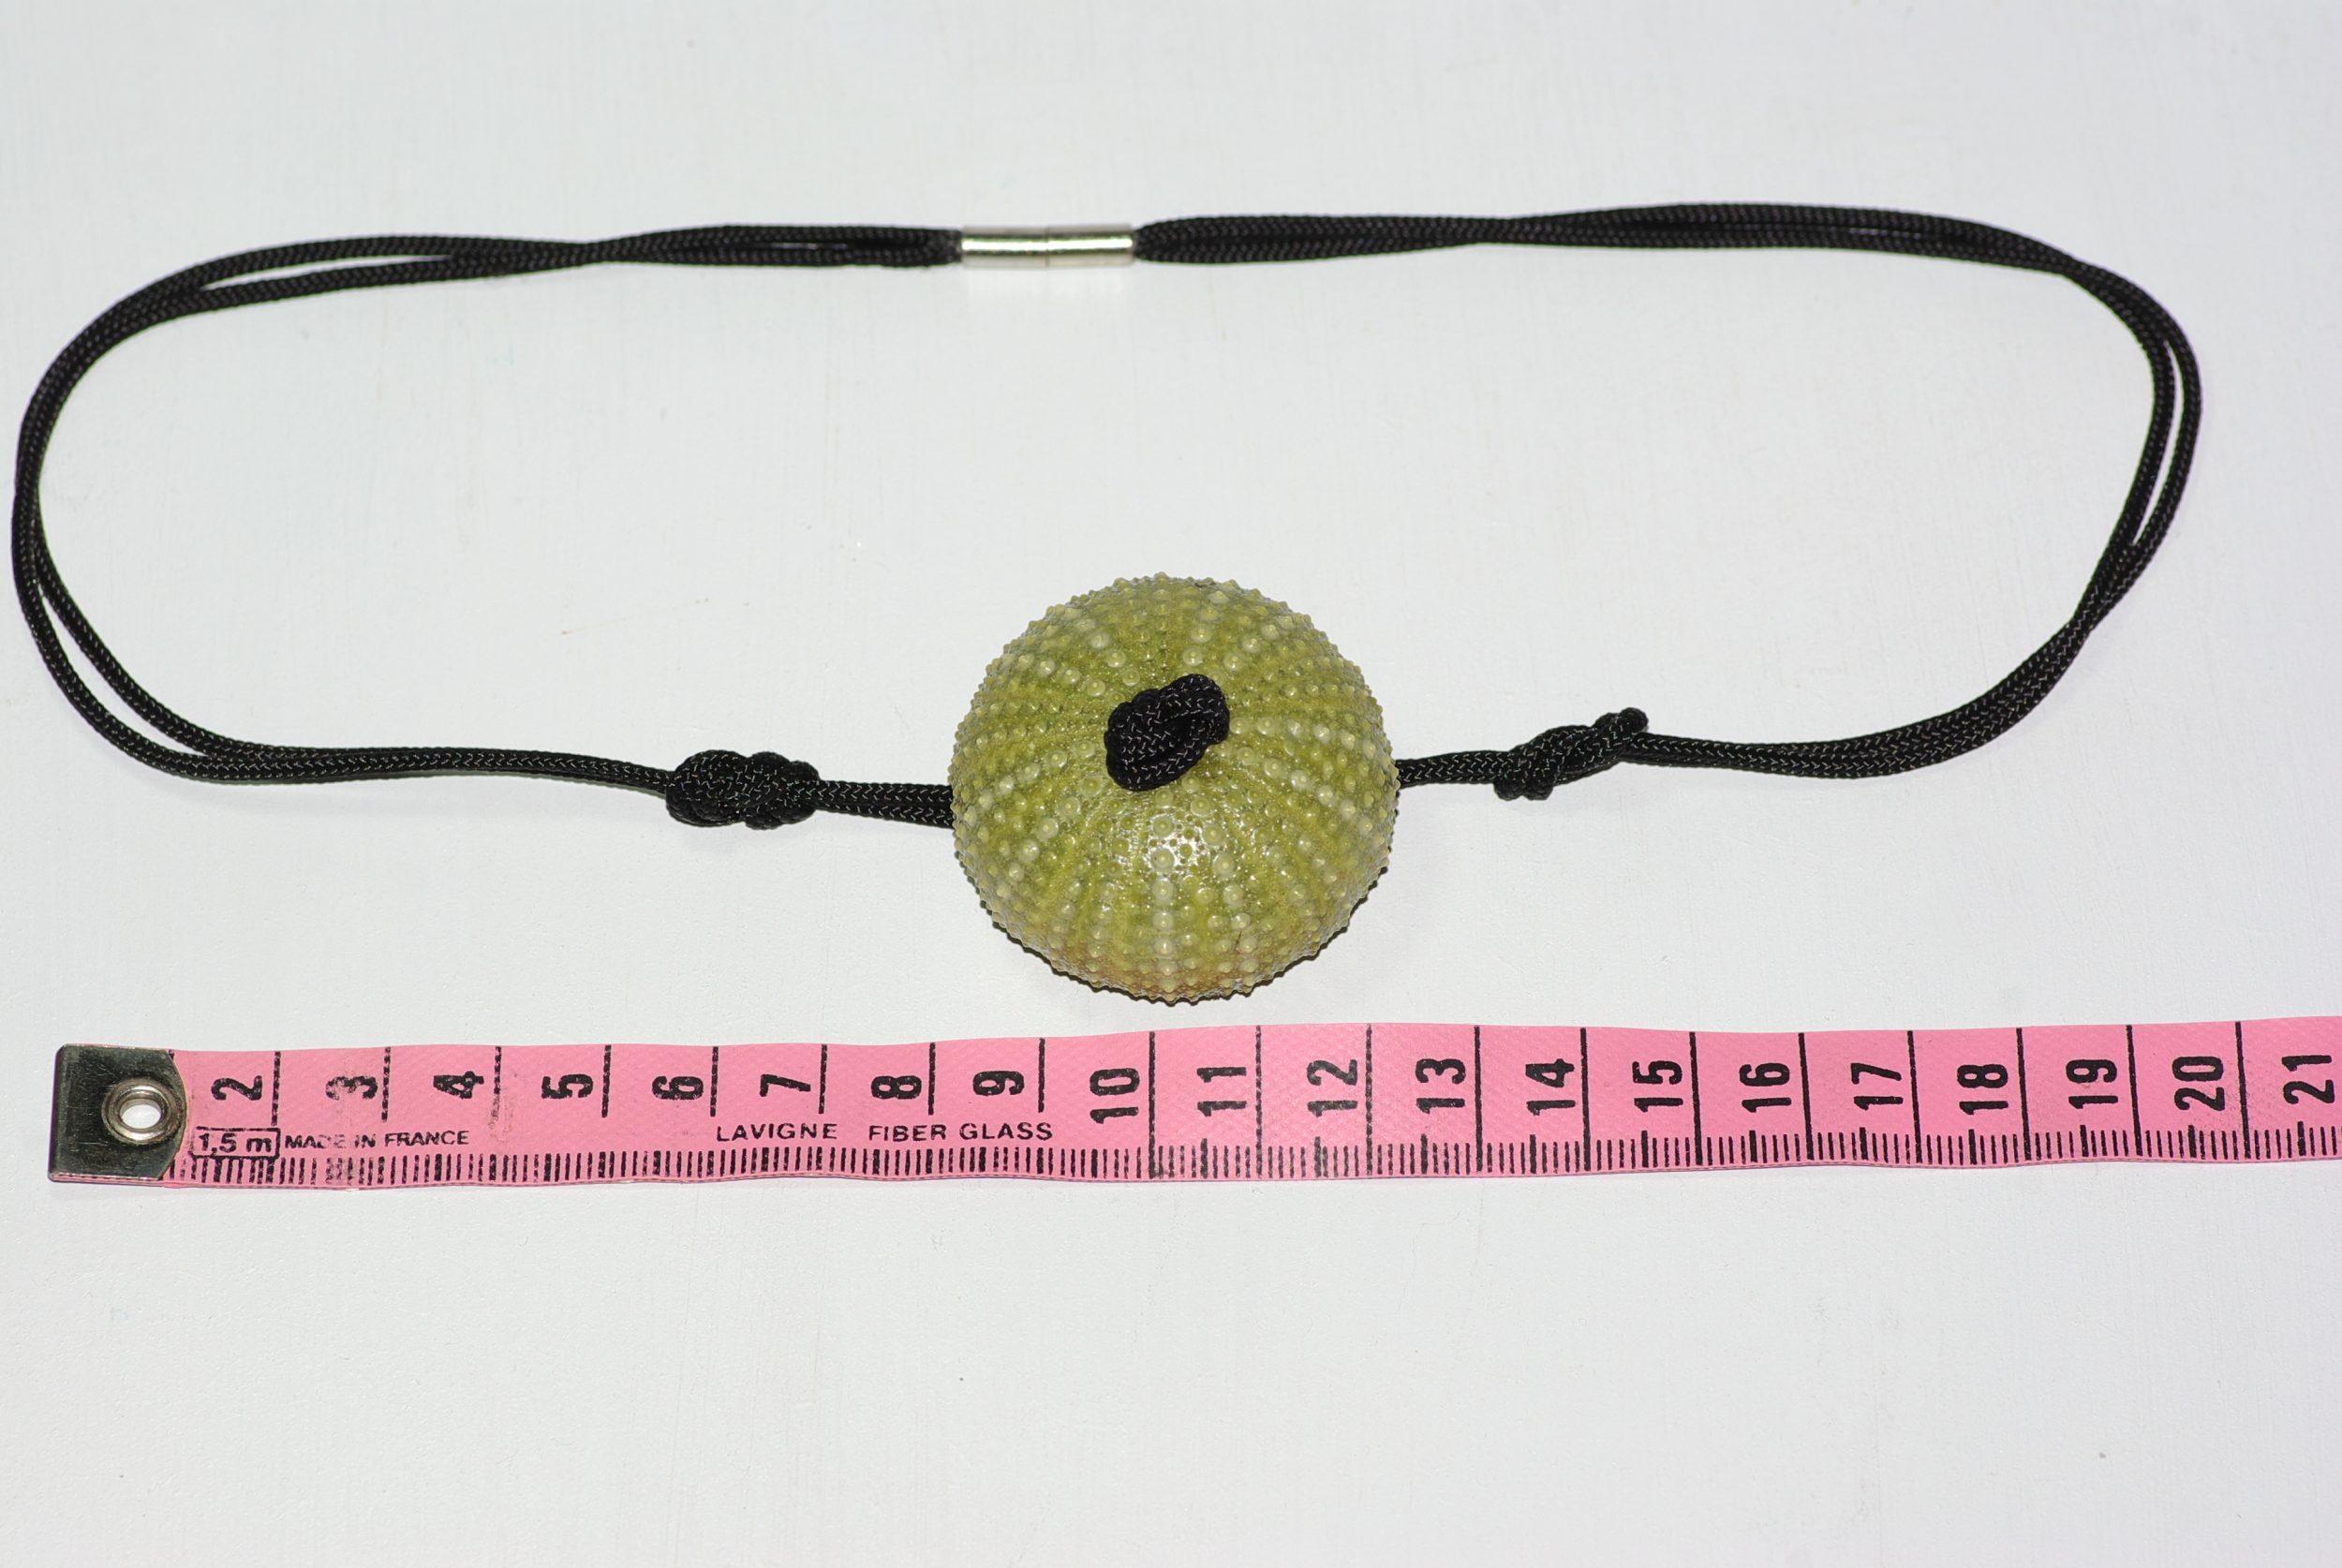 Collier avec un pendentif oursin vert sur une cordelette noire en polyester nouée façon marine. mesures